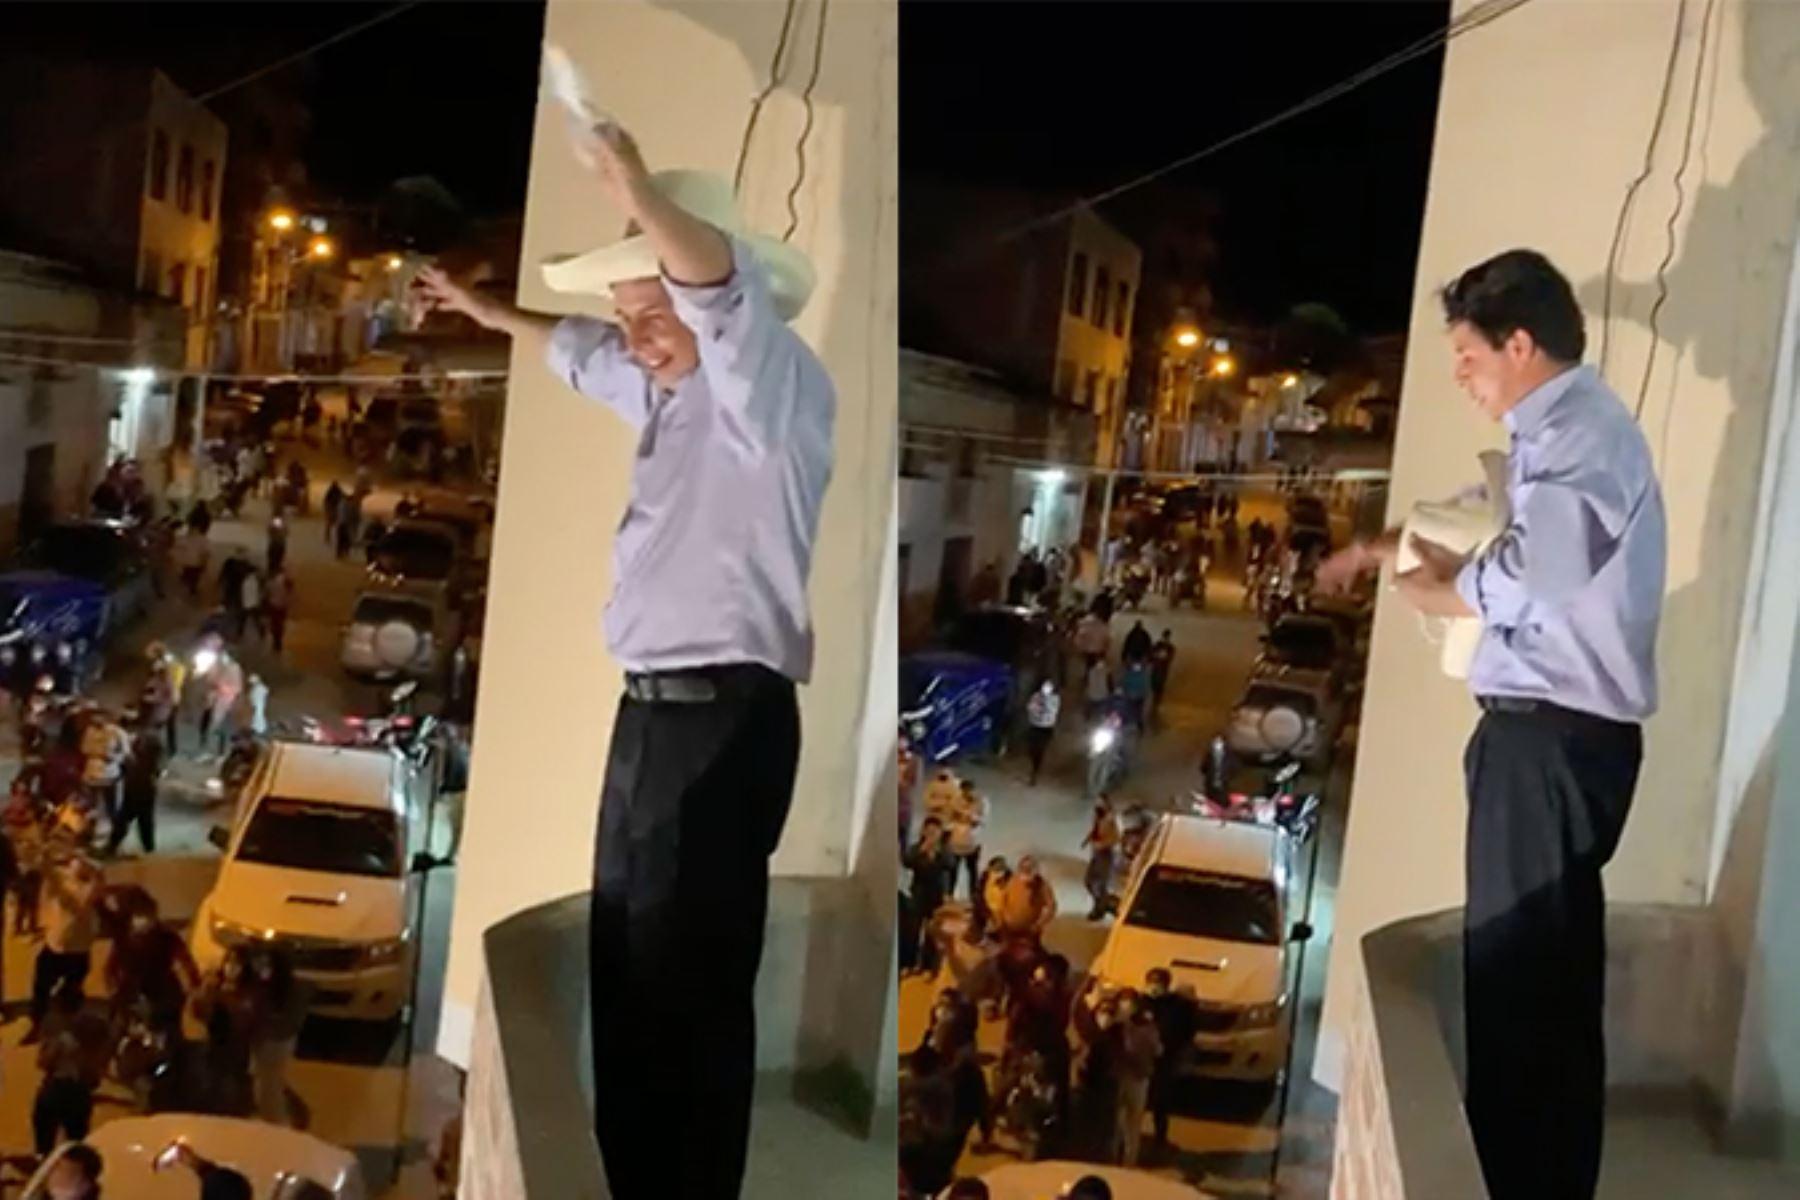 El aspirante al sillón presidencial Pedro Castillo obtuvo el 16.1 % de los votos de acuerdo con el flash a boca de urna de América TV/Ipsos Perú. Foto: Captura TV.